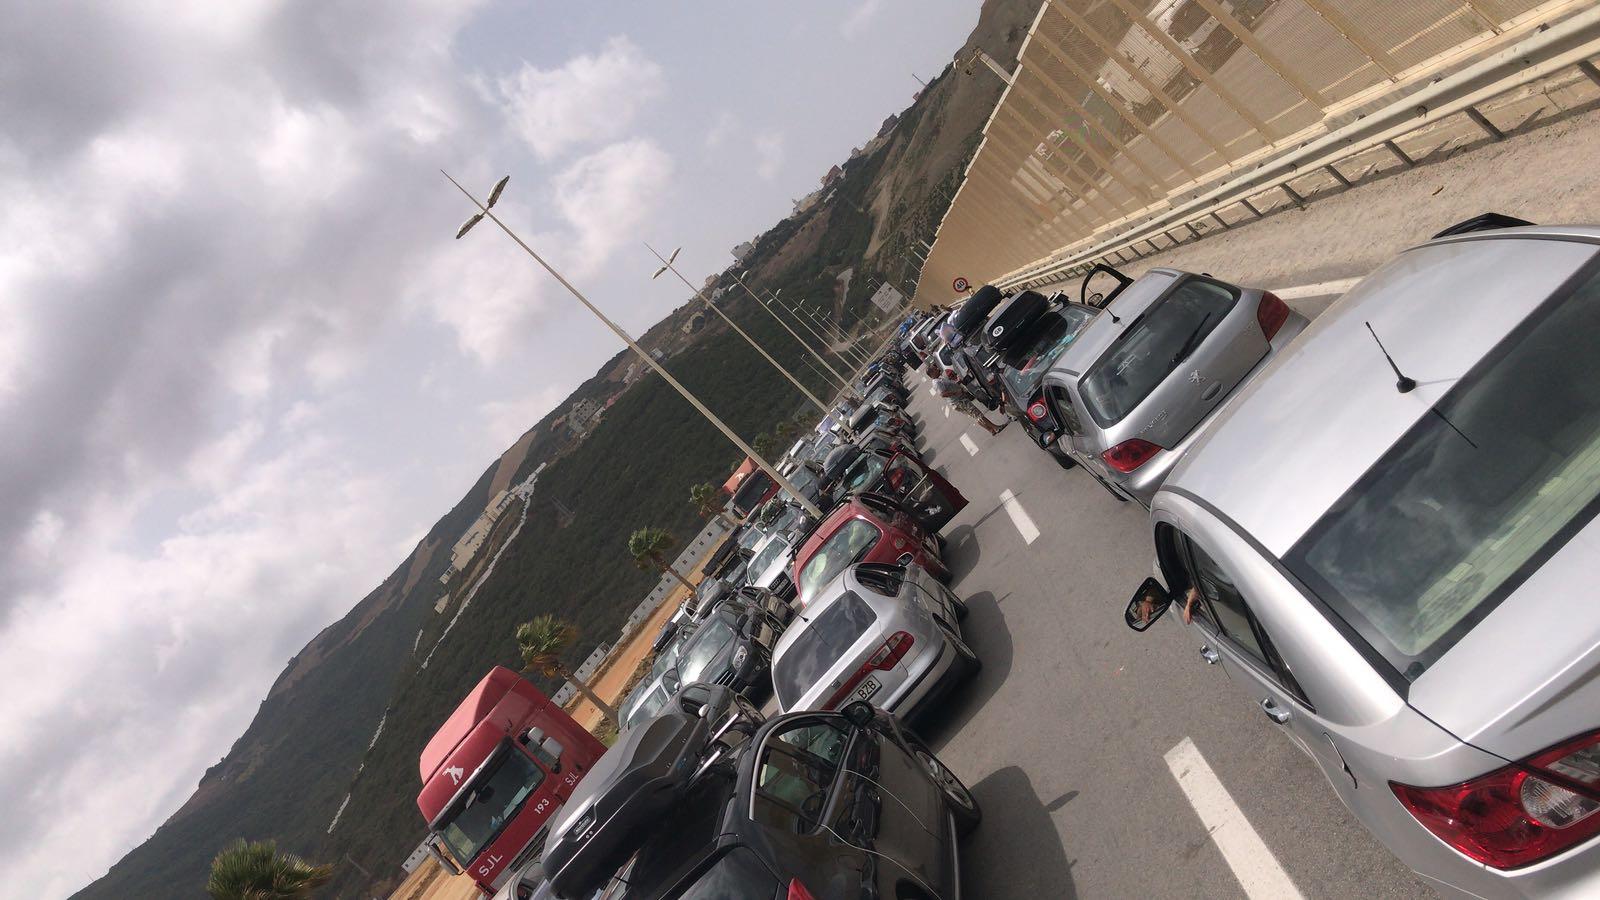 فيديو ..ازدحام شديد في موانئ الشمال والمسافرون ينتظرون عشر ساعات للعبور